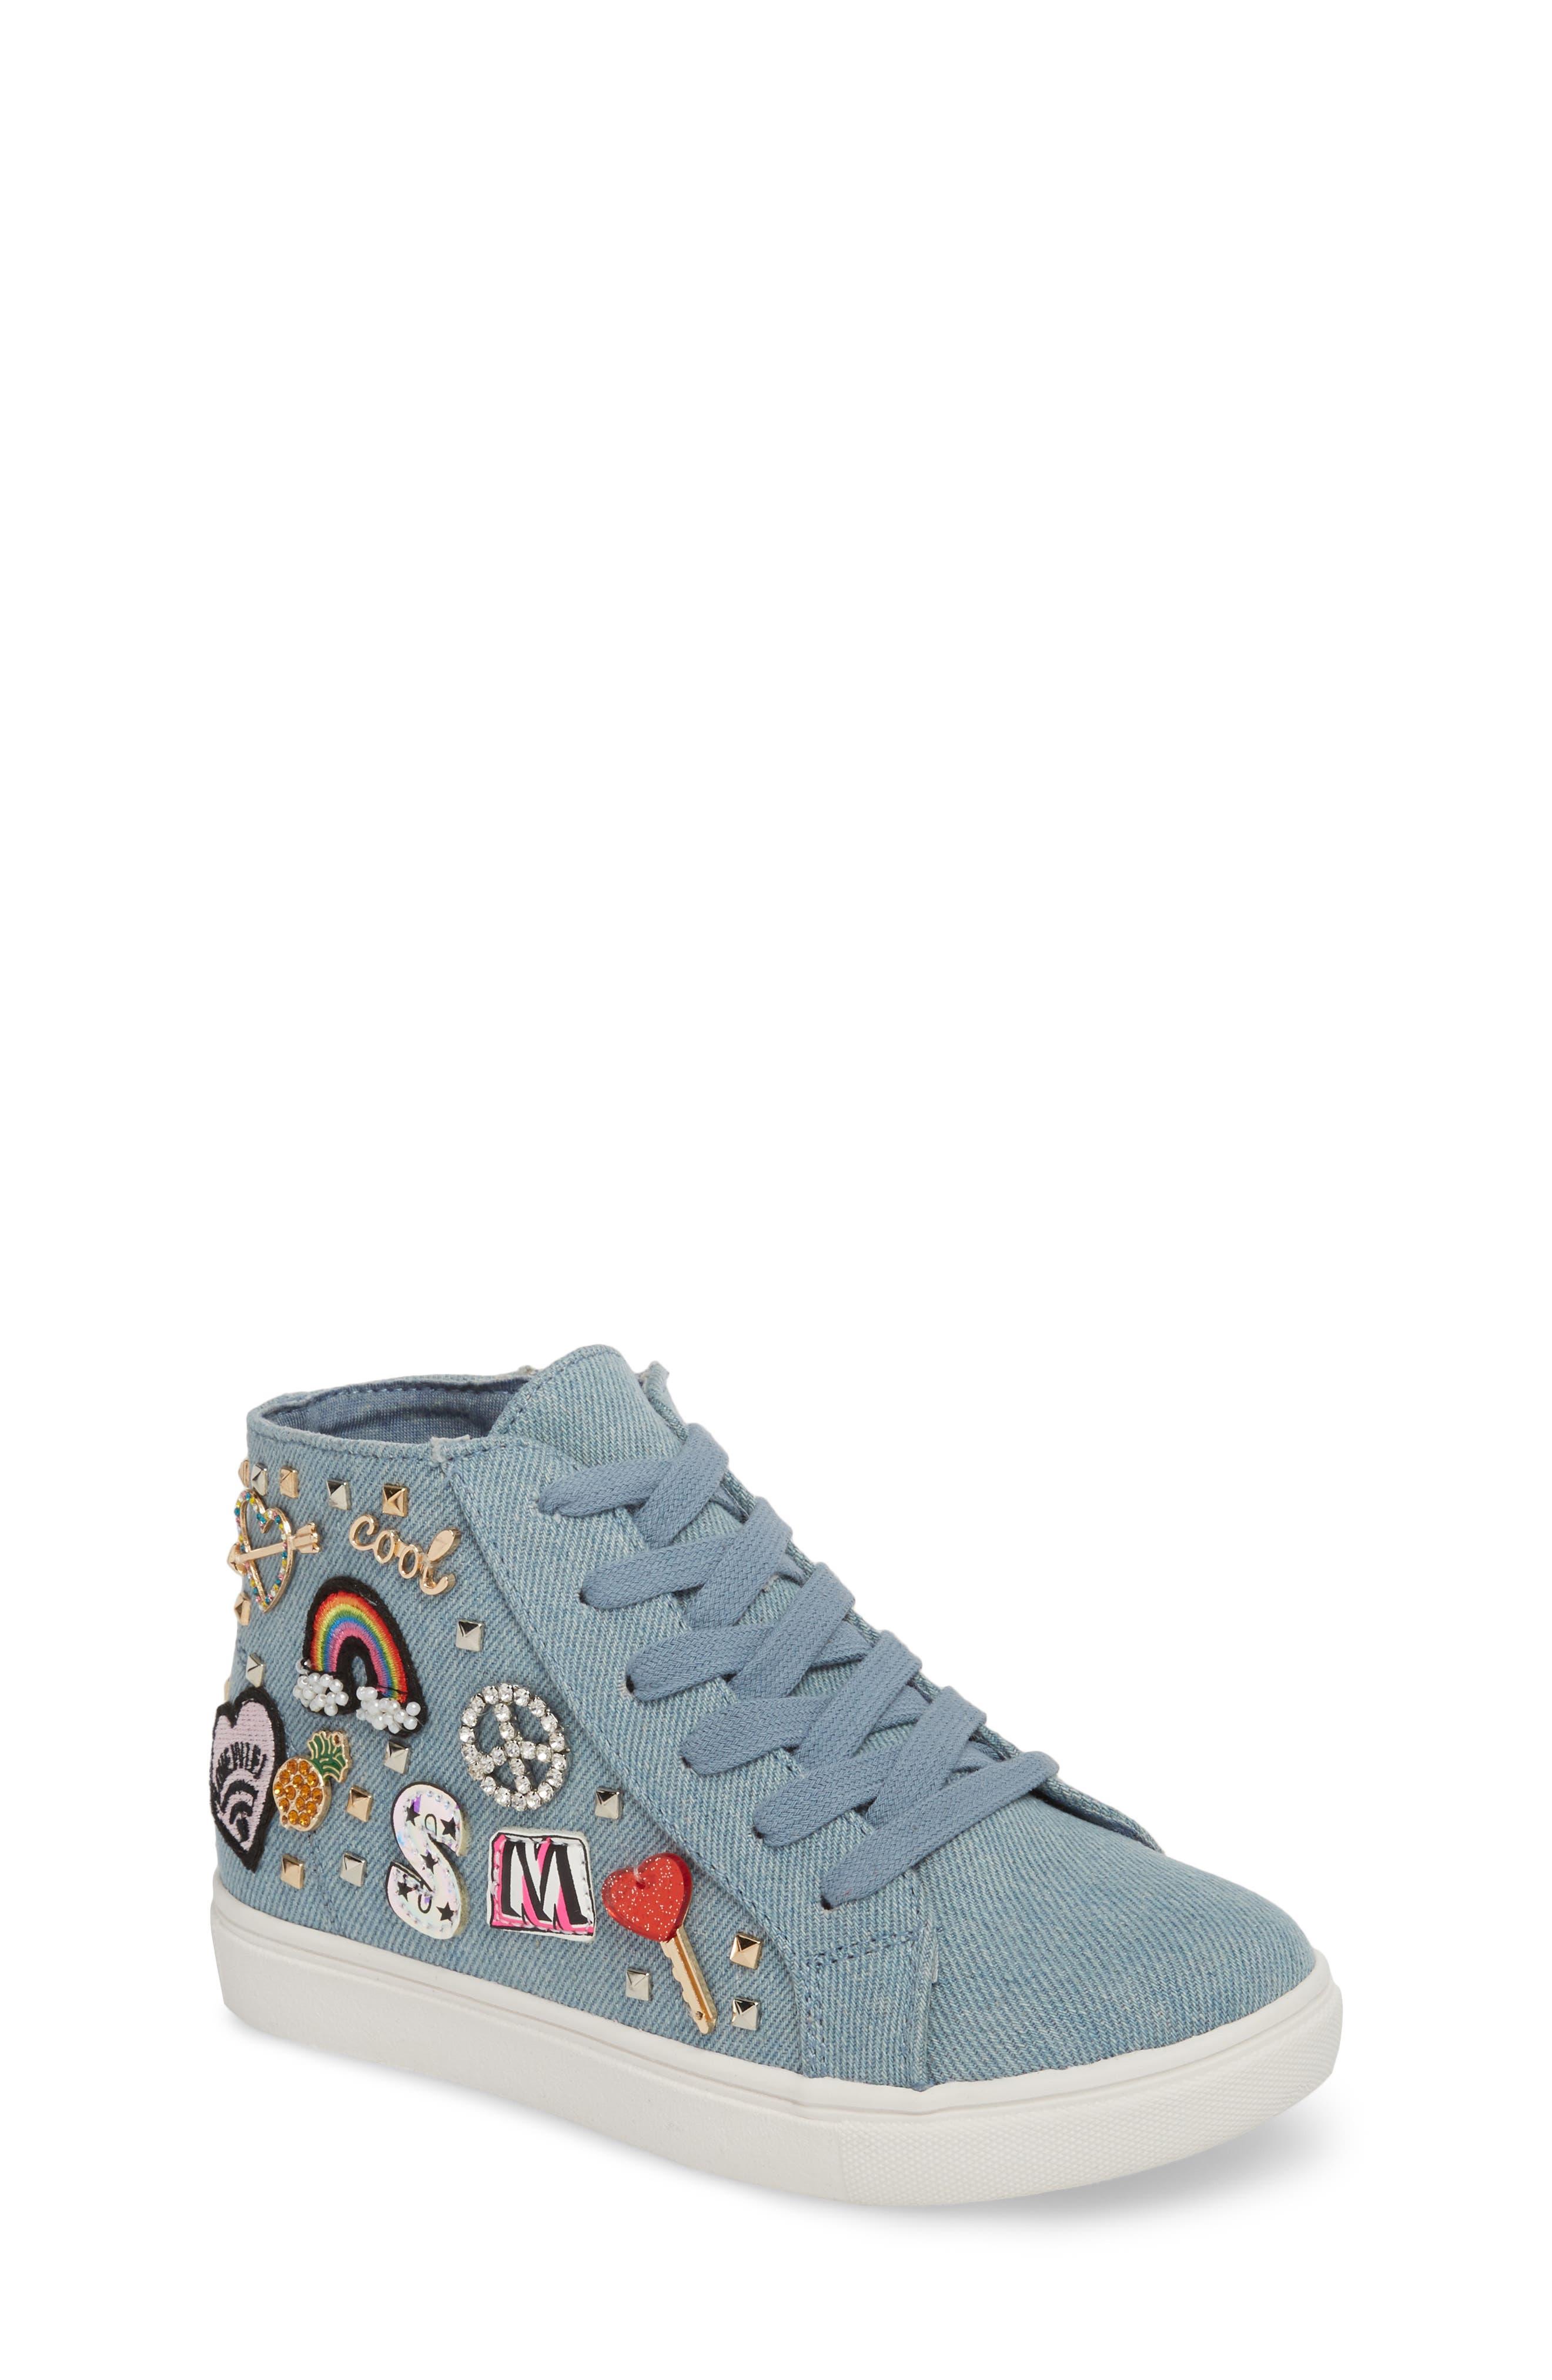 JKOOKIE High Top Sneaker,                         Main,                         color, Denim